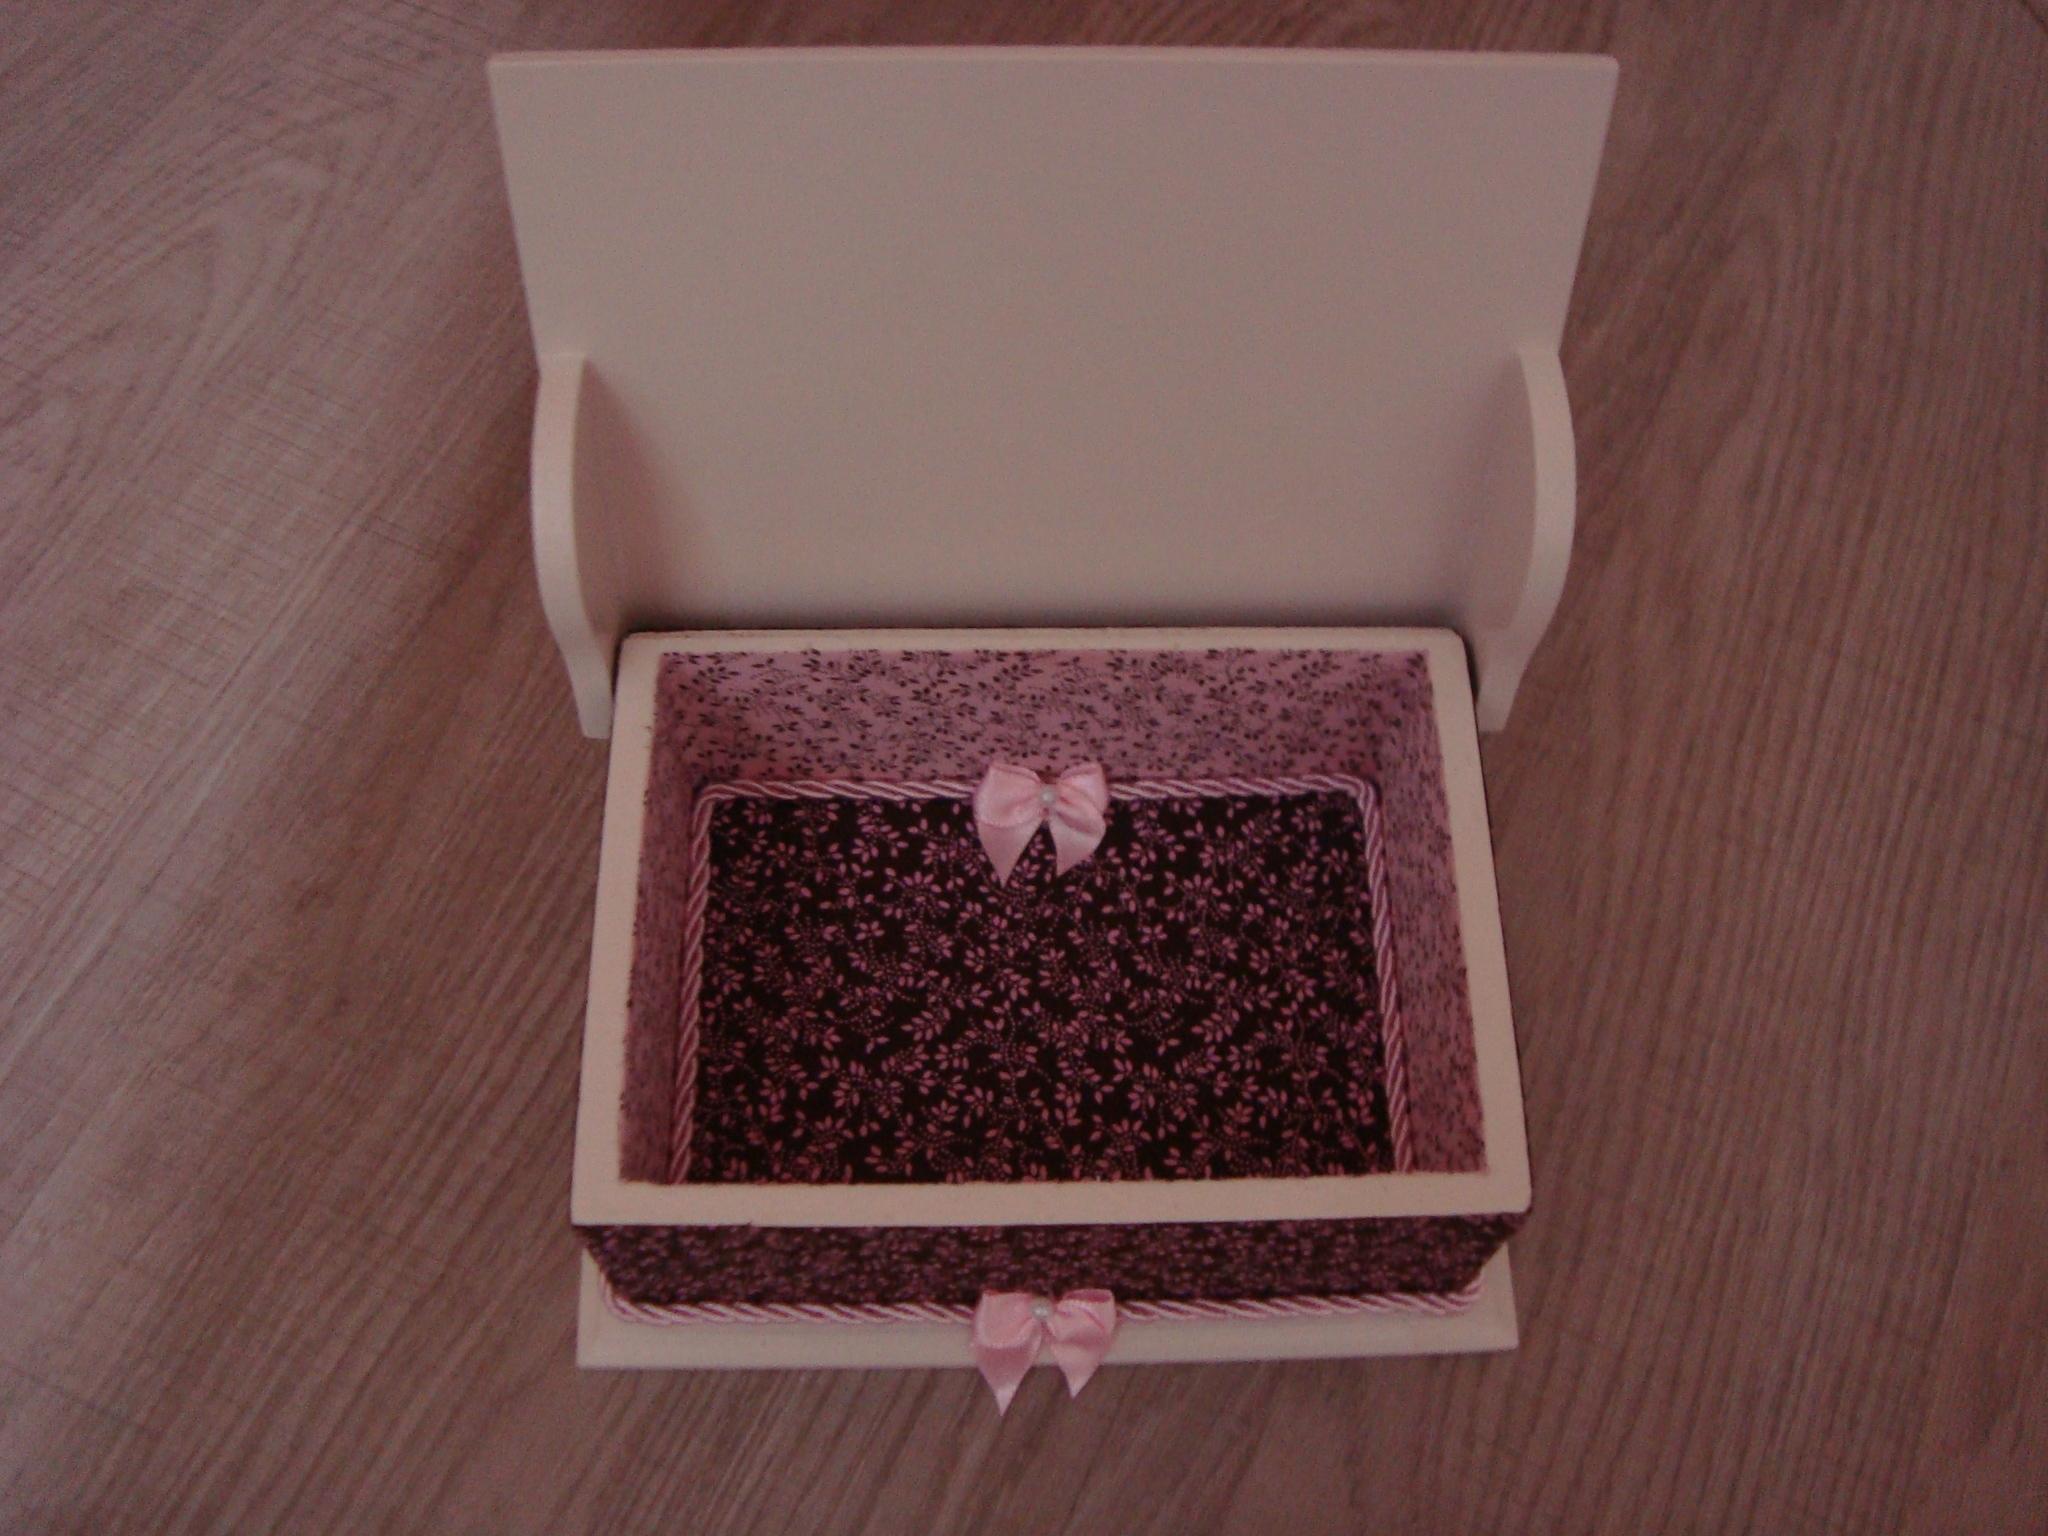 com tecido caixa caixa de madeira decorada com tecido madeira caixa de  #341618 2048x1536